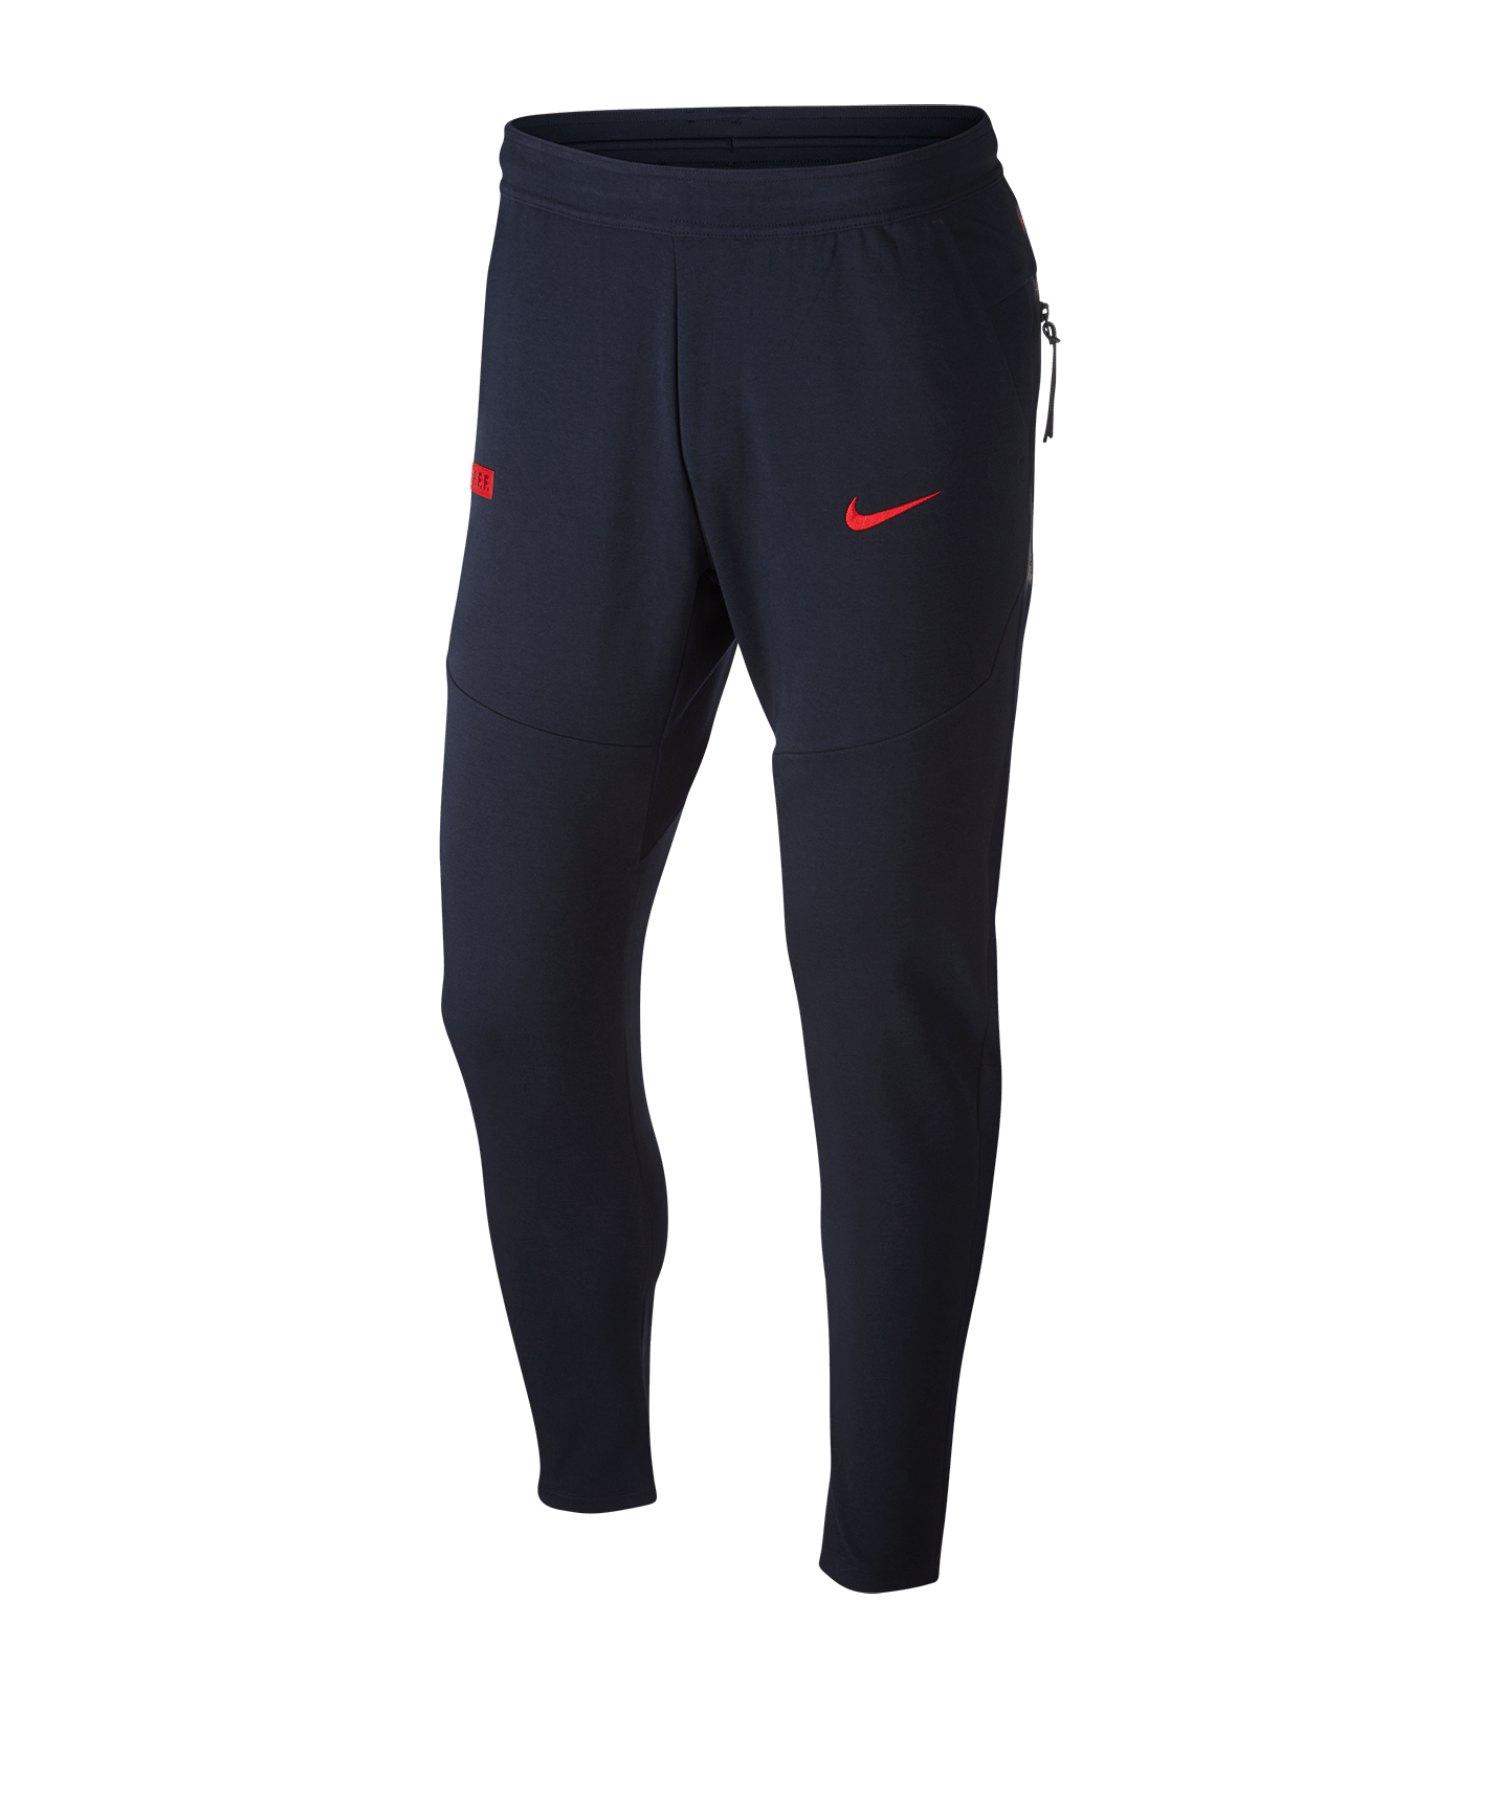 Nike Frankreich Tech Pack Jogginghose Grau F475 - blau